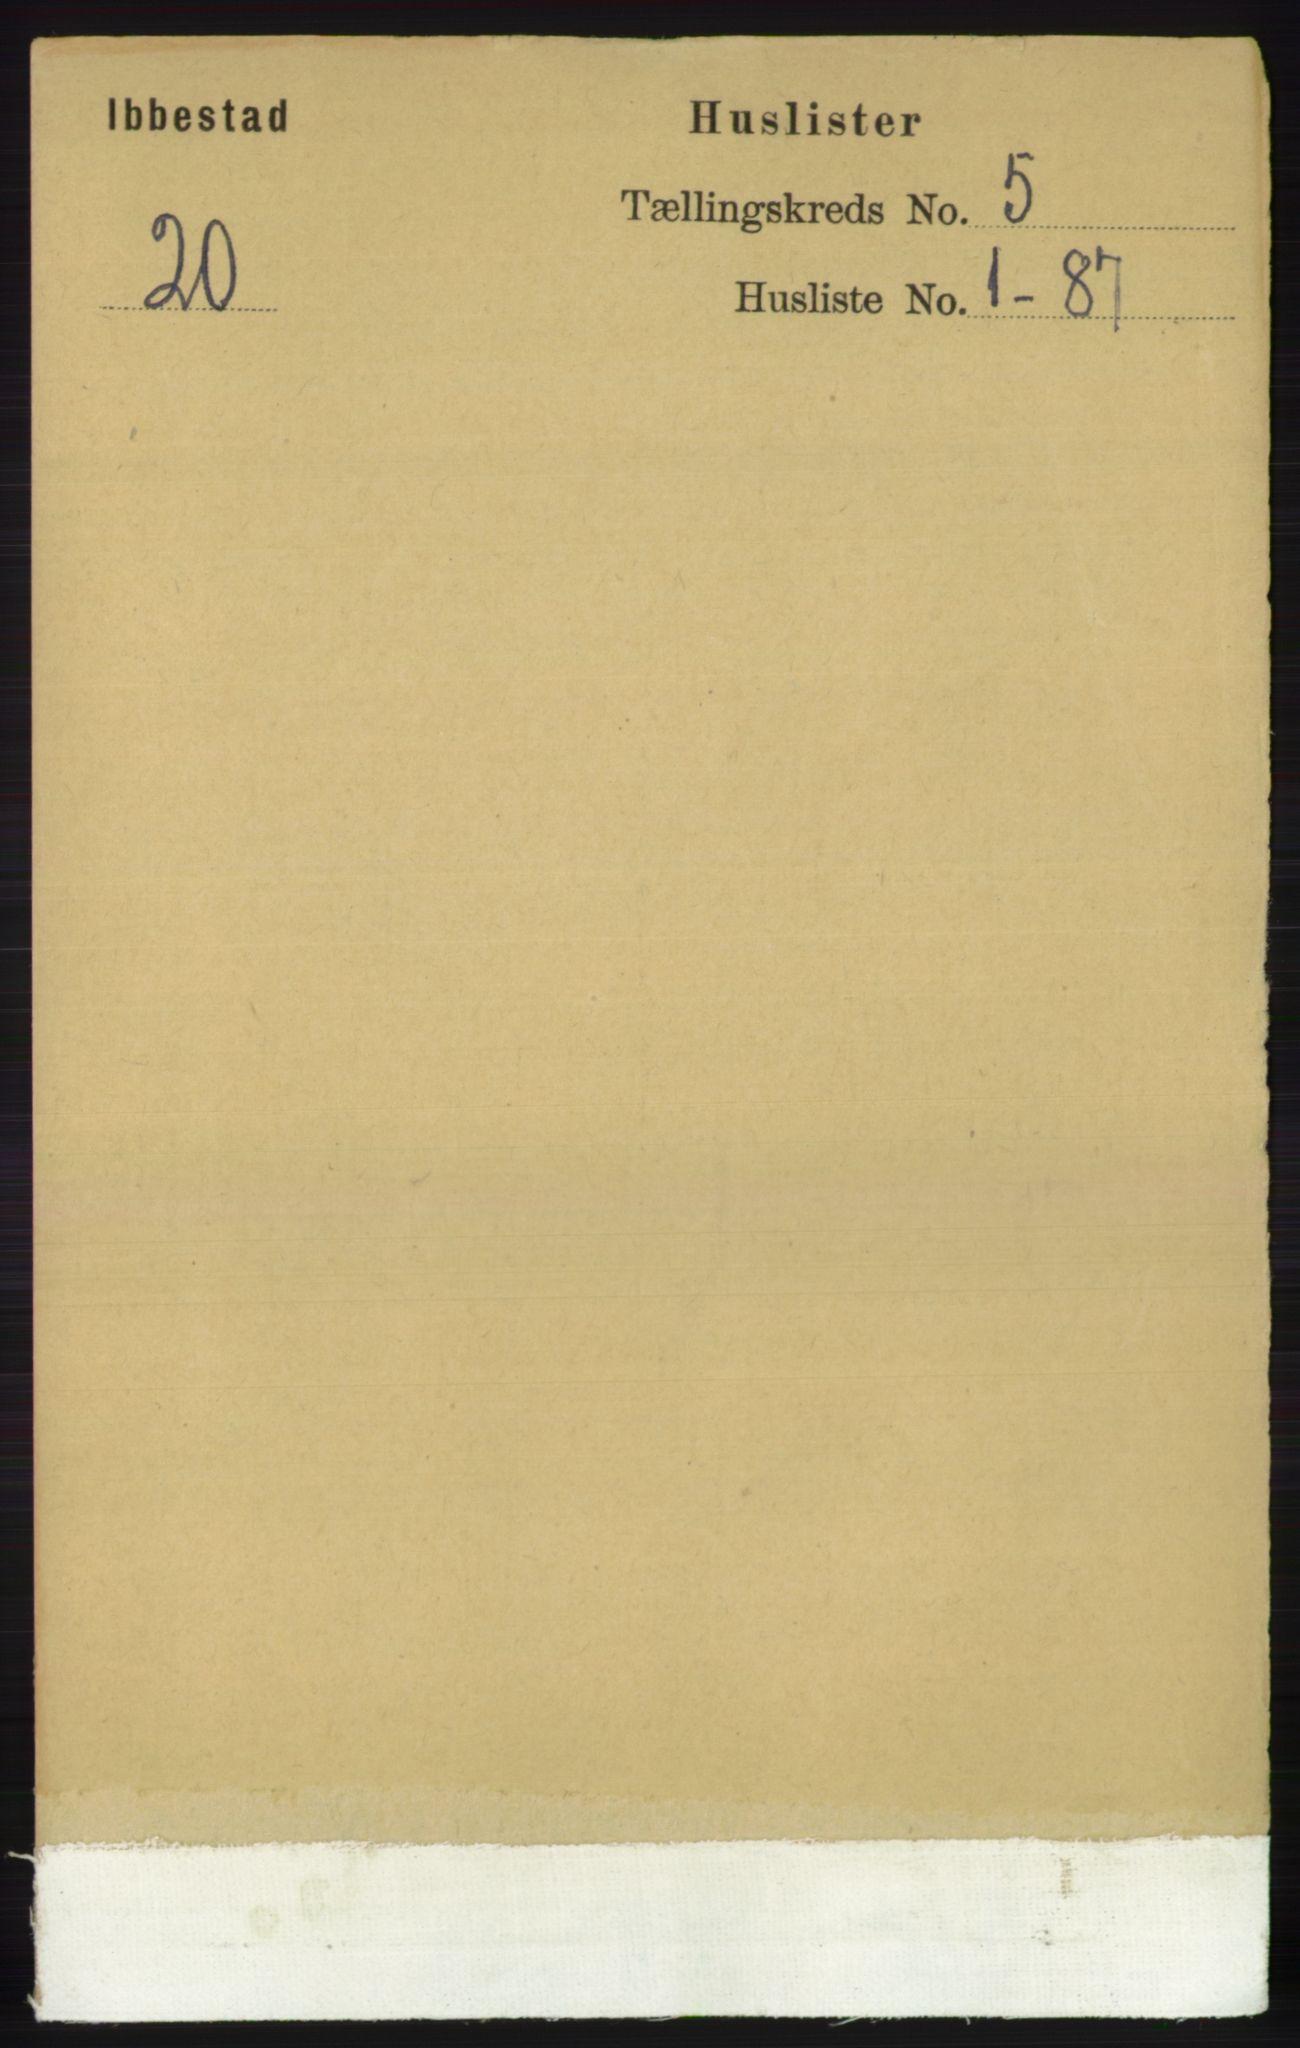 RA, Folketelling 1891 for 1917 Ibestad herred, 1891, s. 2842